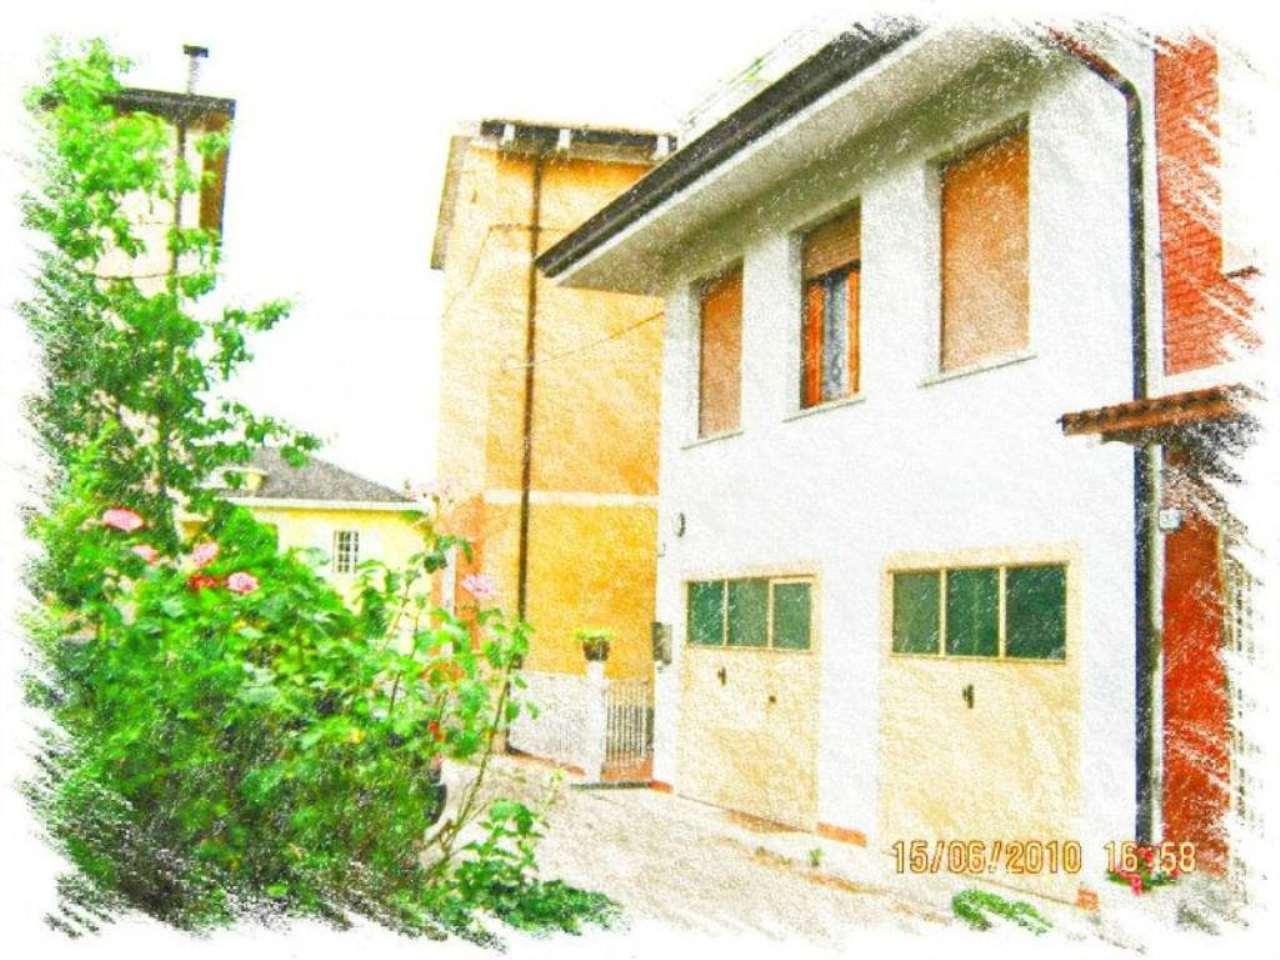 Soluzione Semindipendente in vendita a Brescello, 6 locali, prezzo € 250.000 | Cambio Casa.it